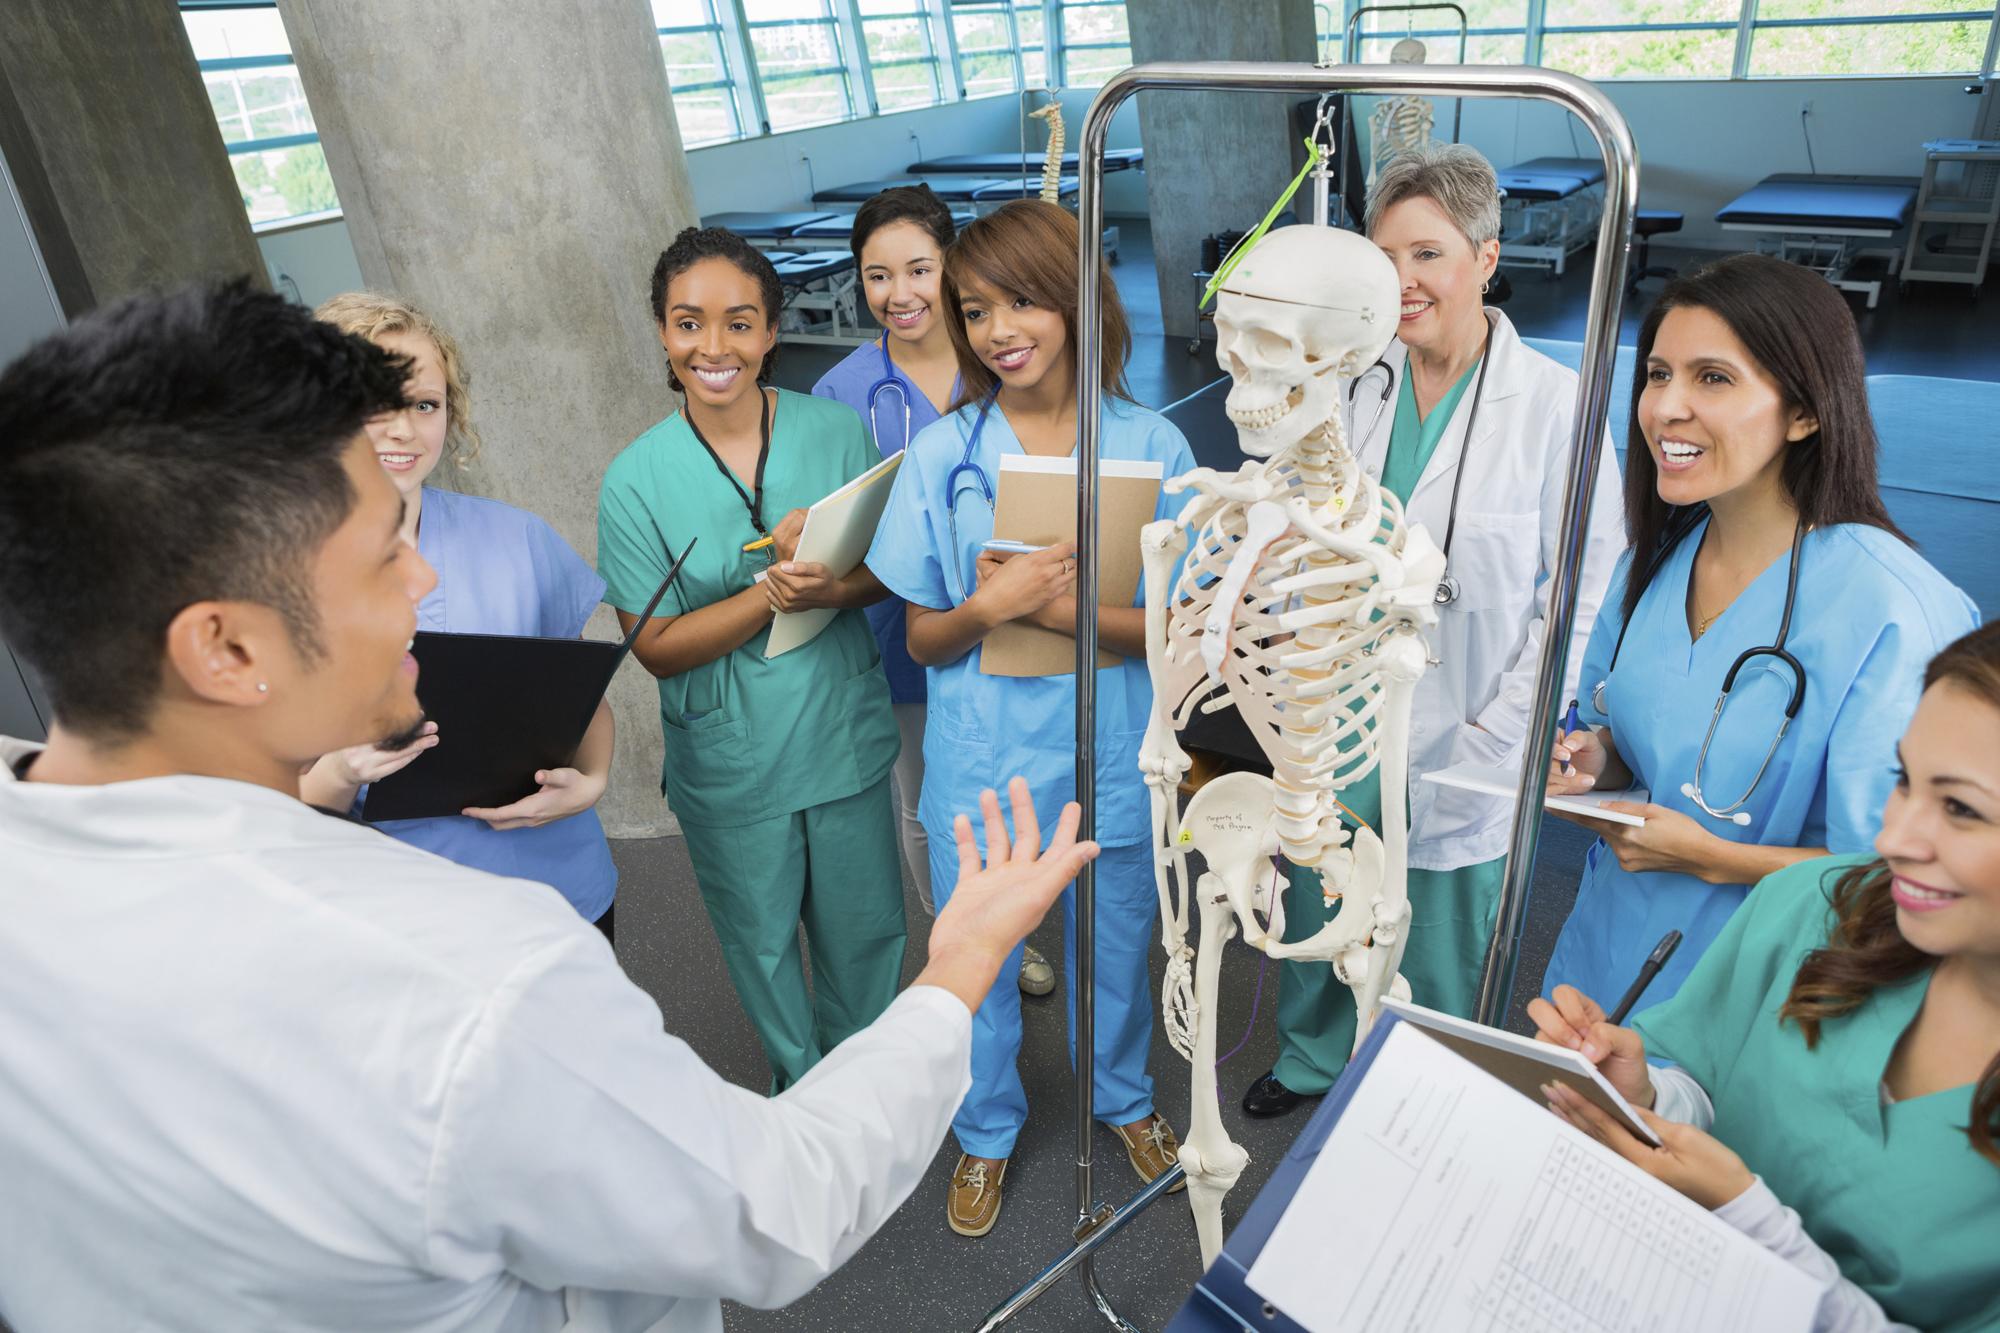 160115-medicalstudents-stock.jpg